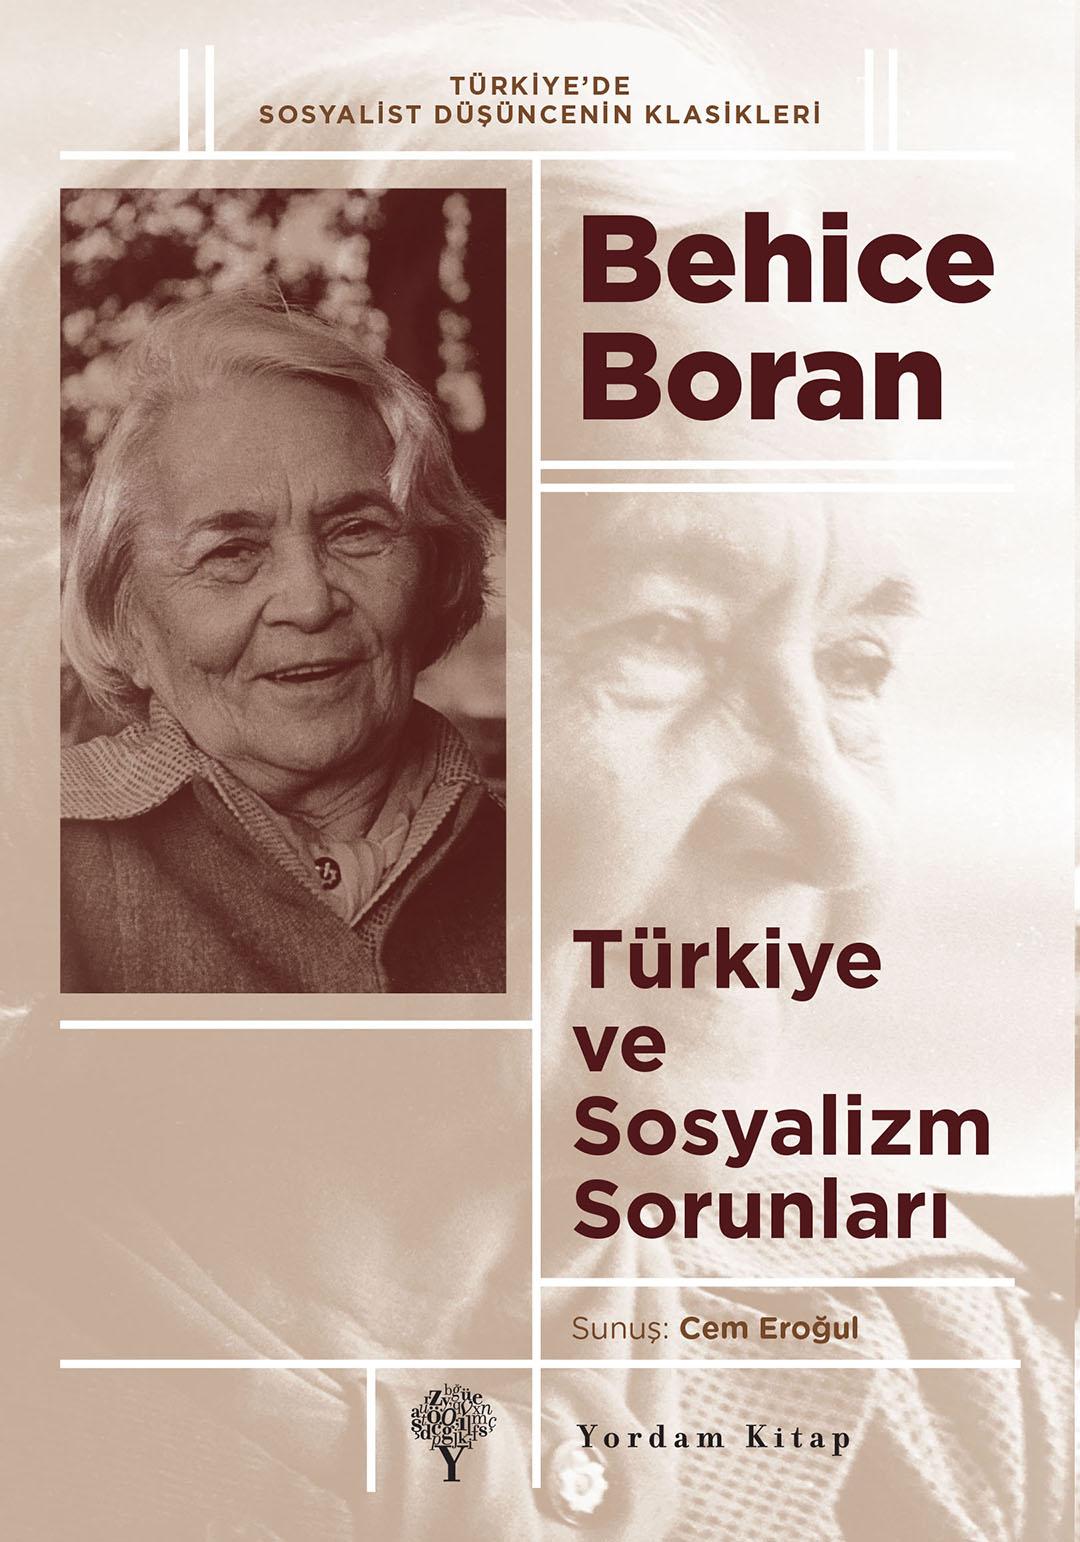 280_BehiceBoran_SosyalizmSorunlari_Kapak.indd